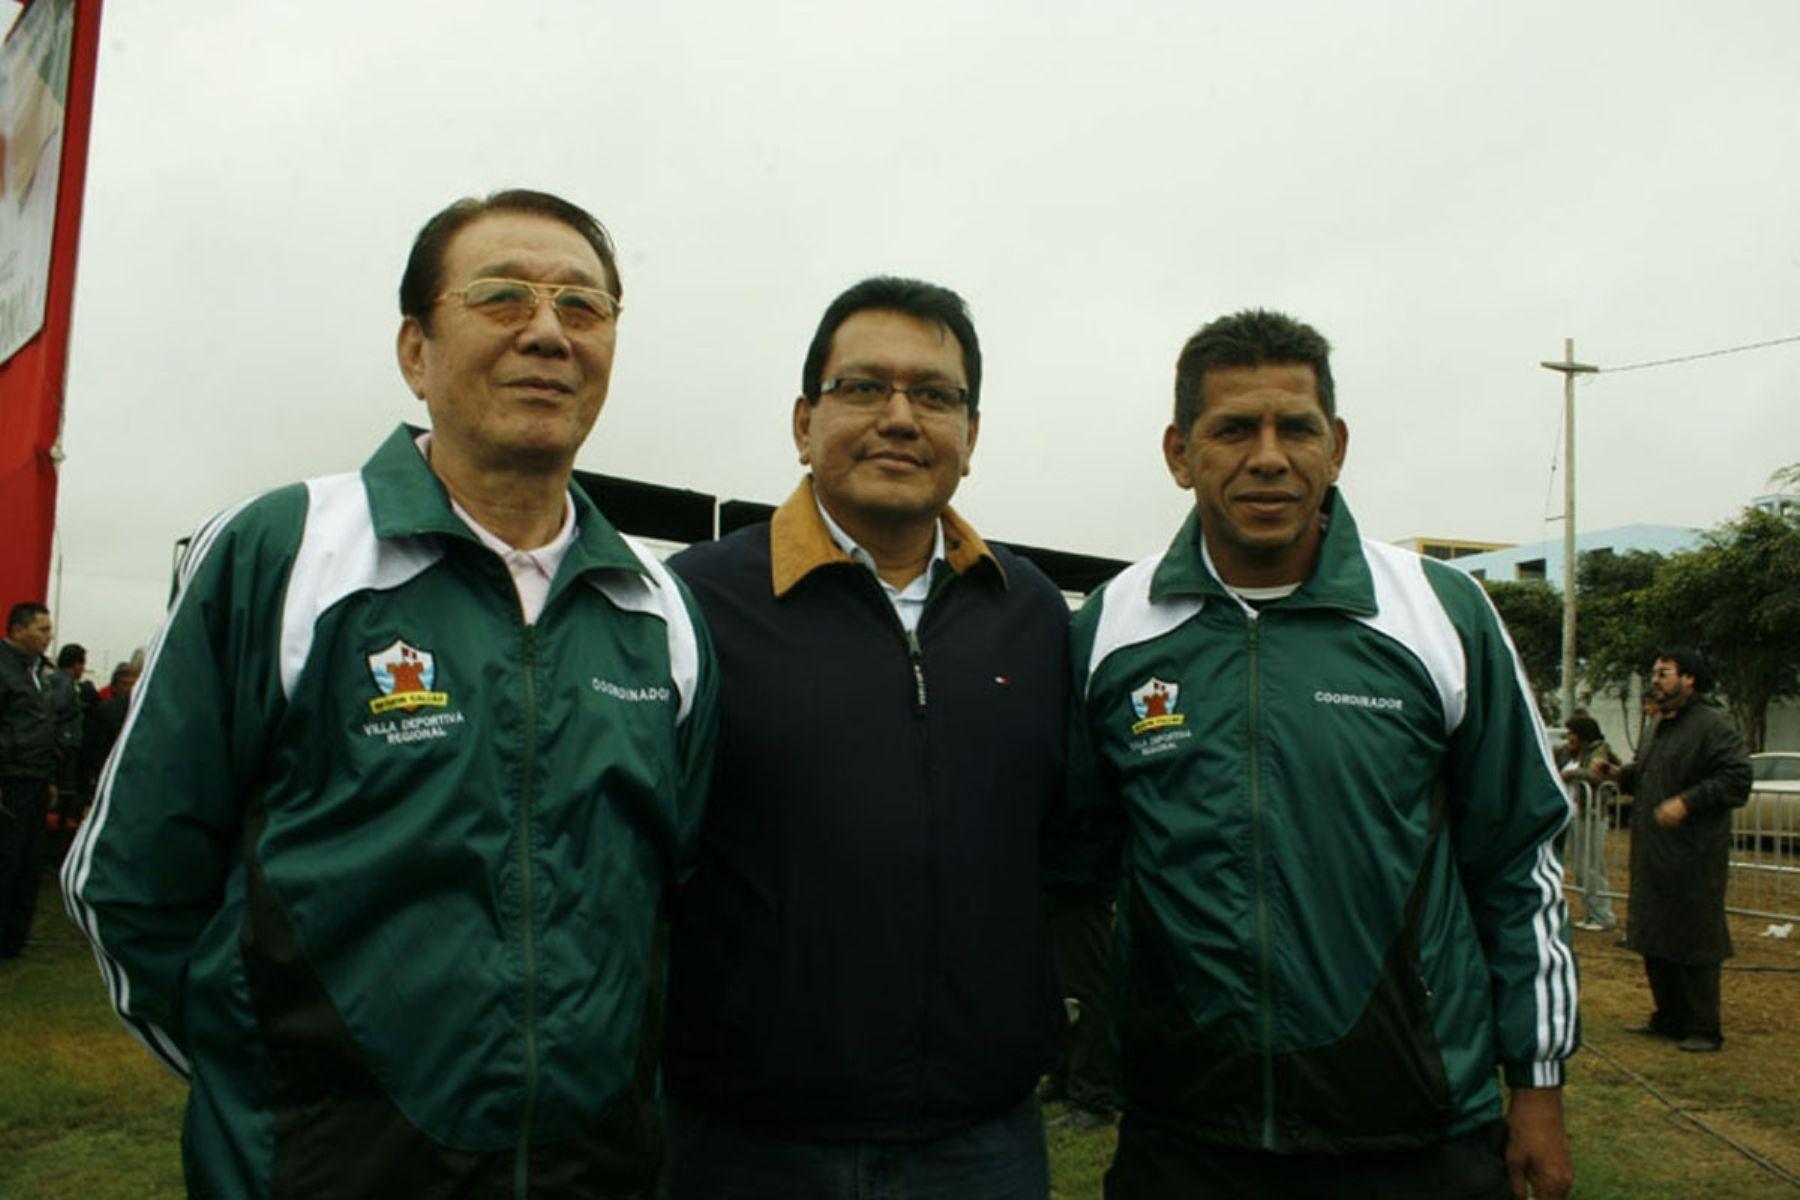 Presidente regional del Callao, Félix Moreno, acompañado de Man Bok Park y José Luis Carranza. Foto: Gobierno Regional del Callao.